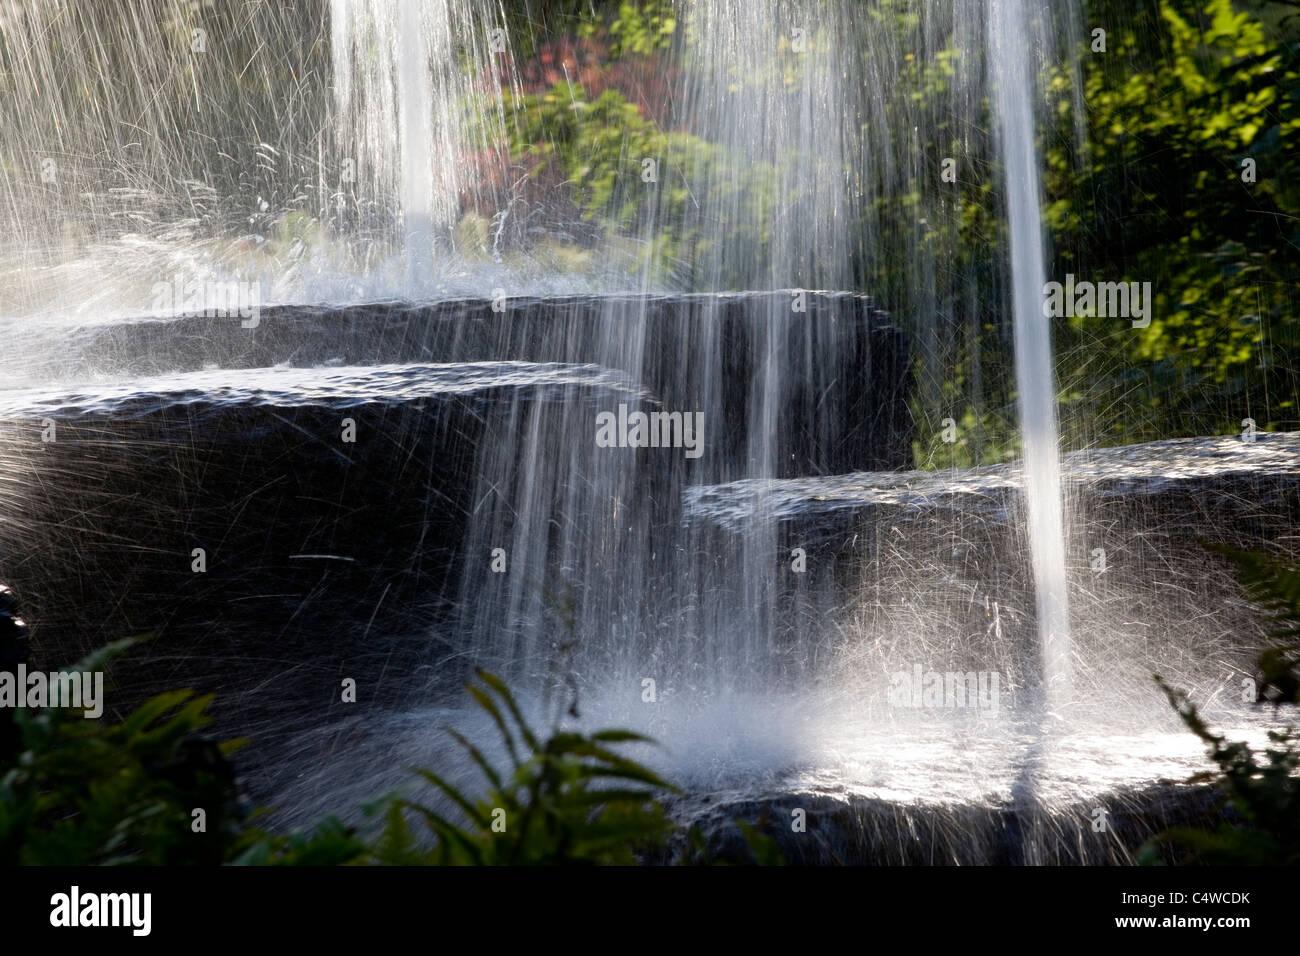 Water splashing from rocks - Stock Image